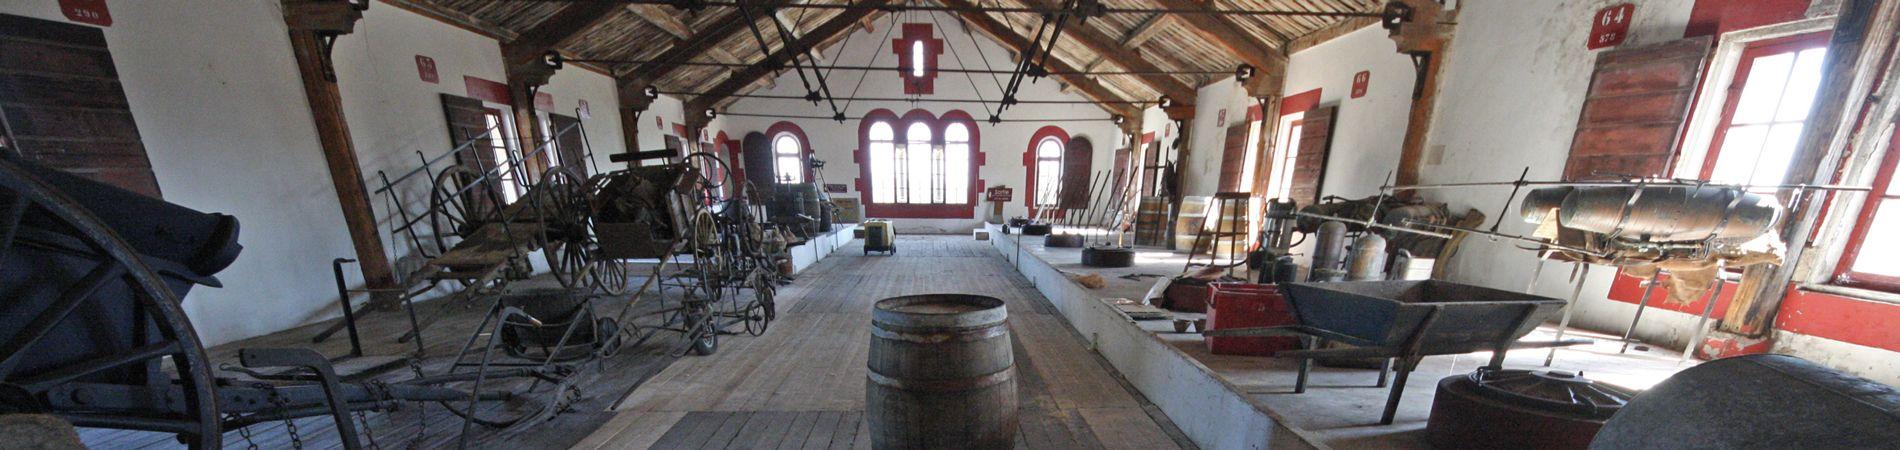 La habitación del Chateau Ventenac